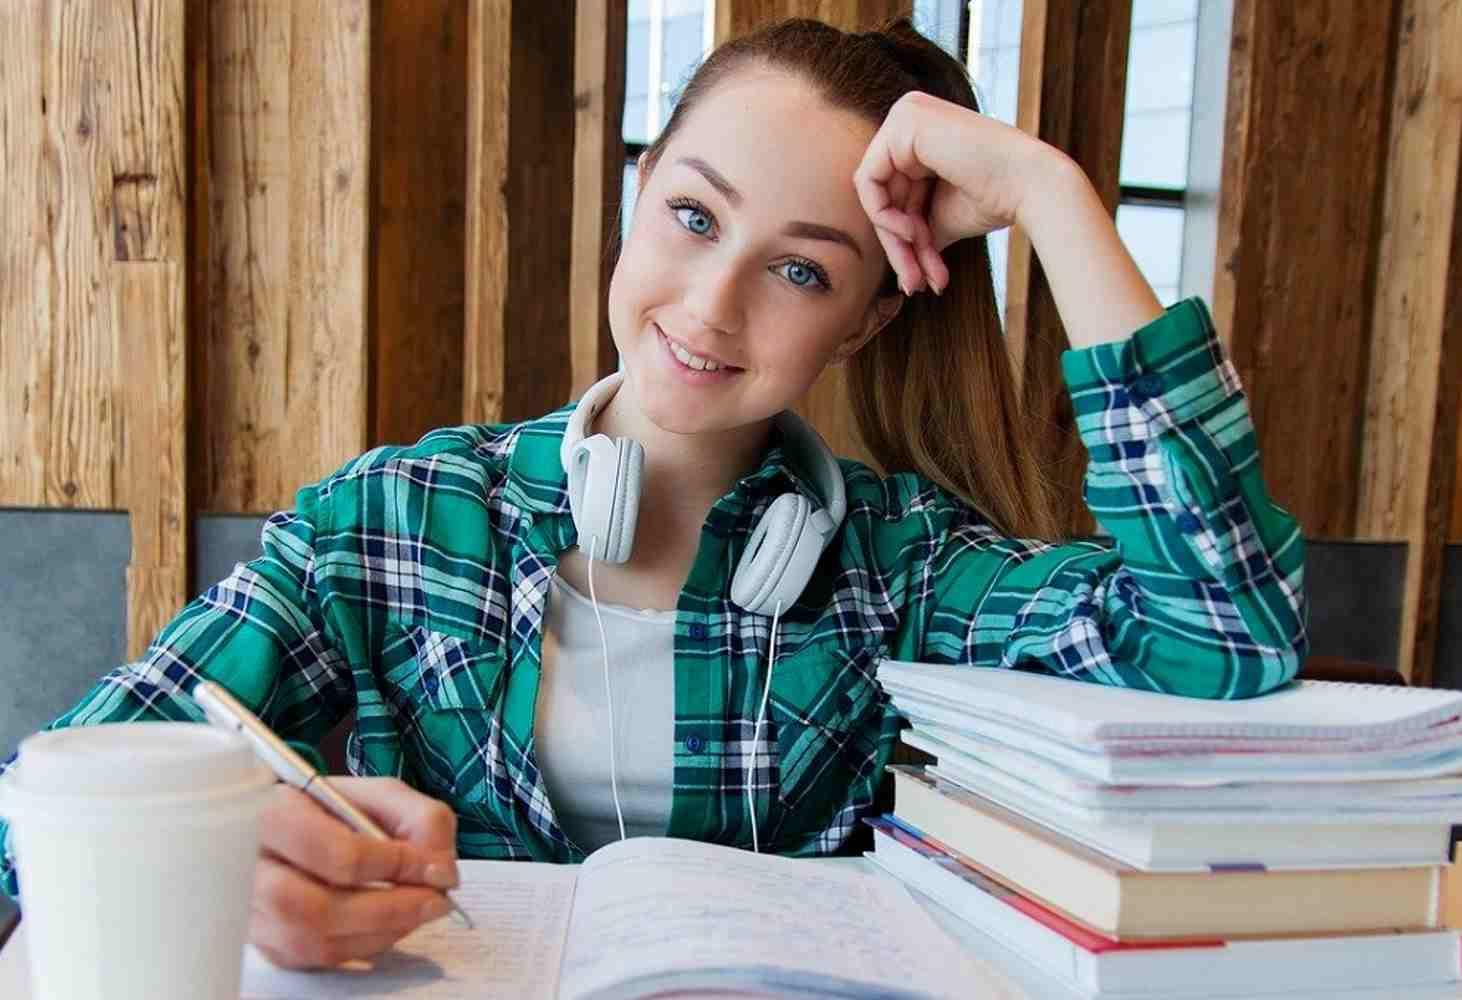 rosobrnadzor-vpr-ne-povliyali-na-nizkij-rezultat-shkolnikov-v-testah-pisa